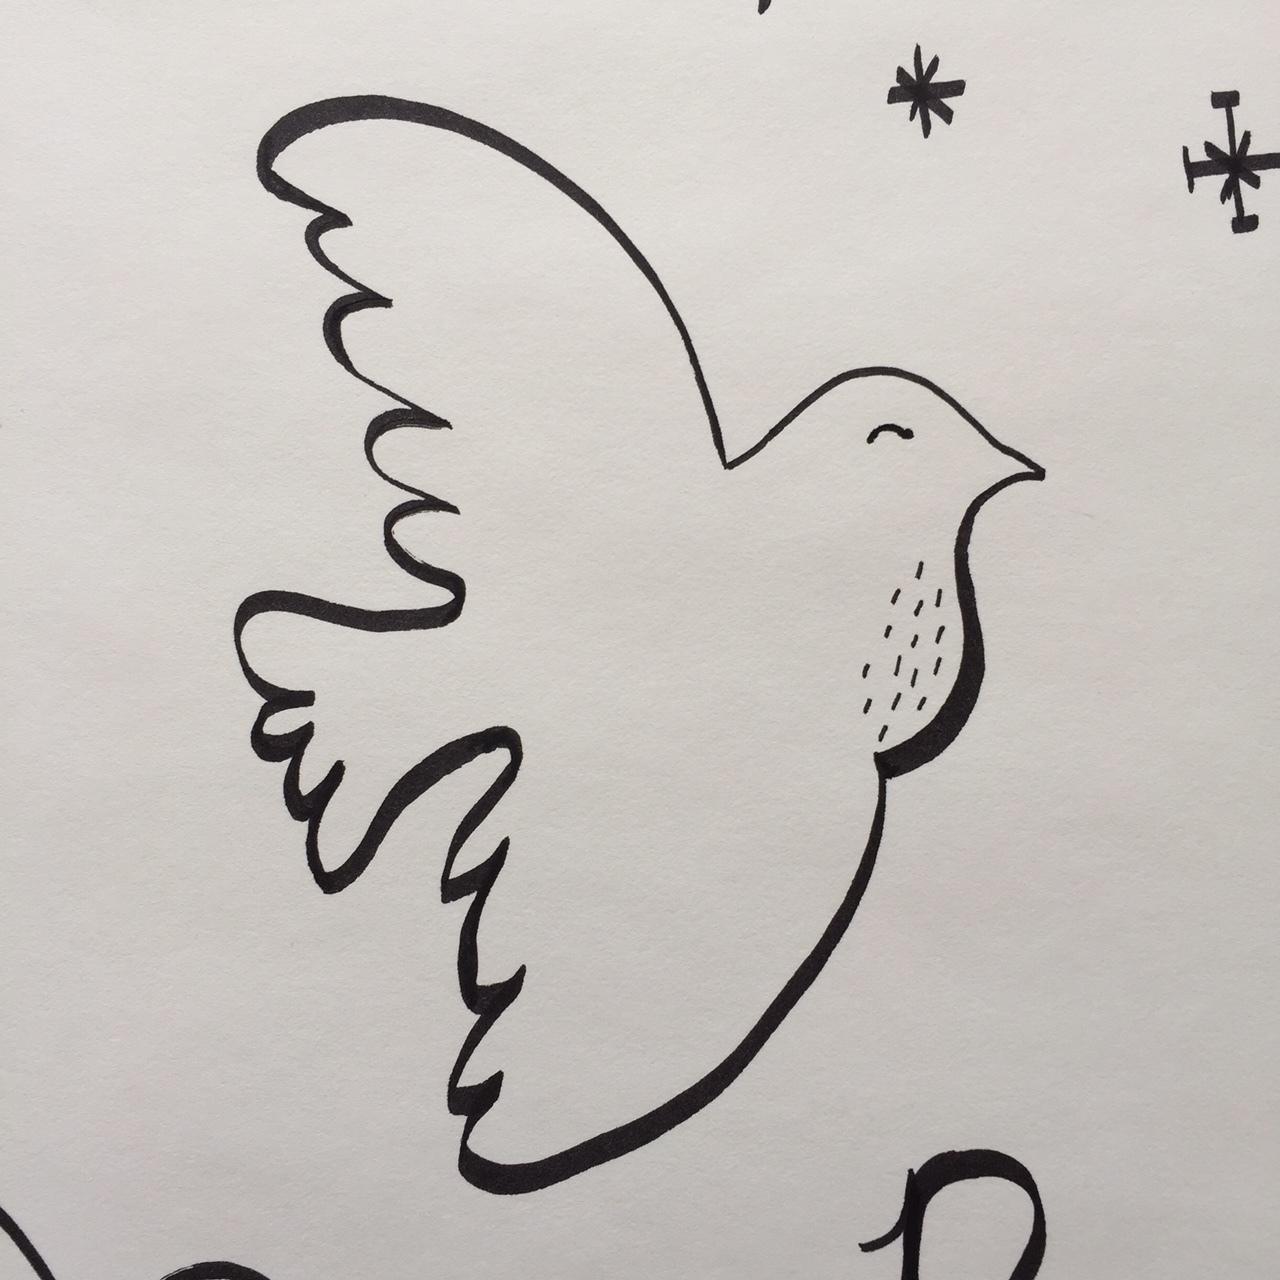 elizabethkorb-dove-sketch-2016